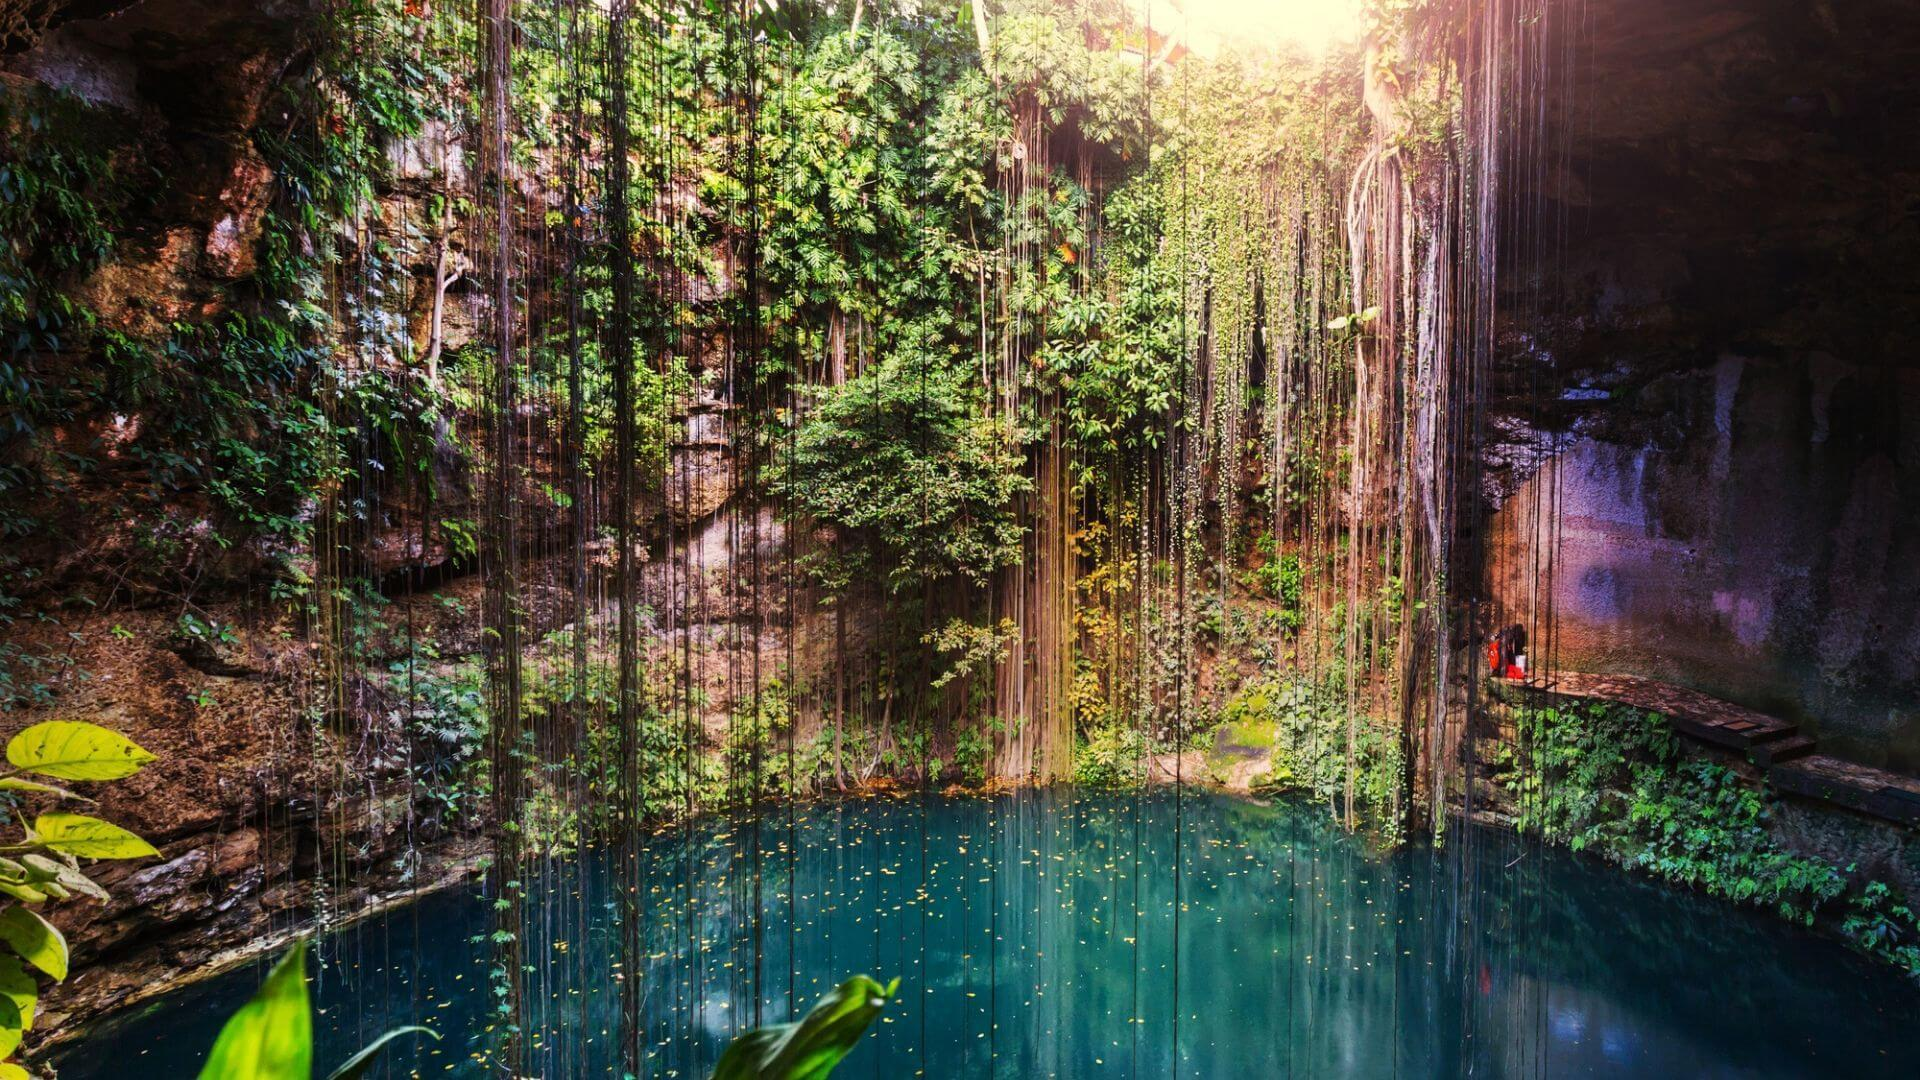 Įspūdingas gamtos lobis - Ik Kil požeminis ežeras